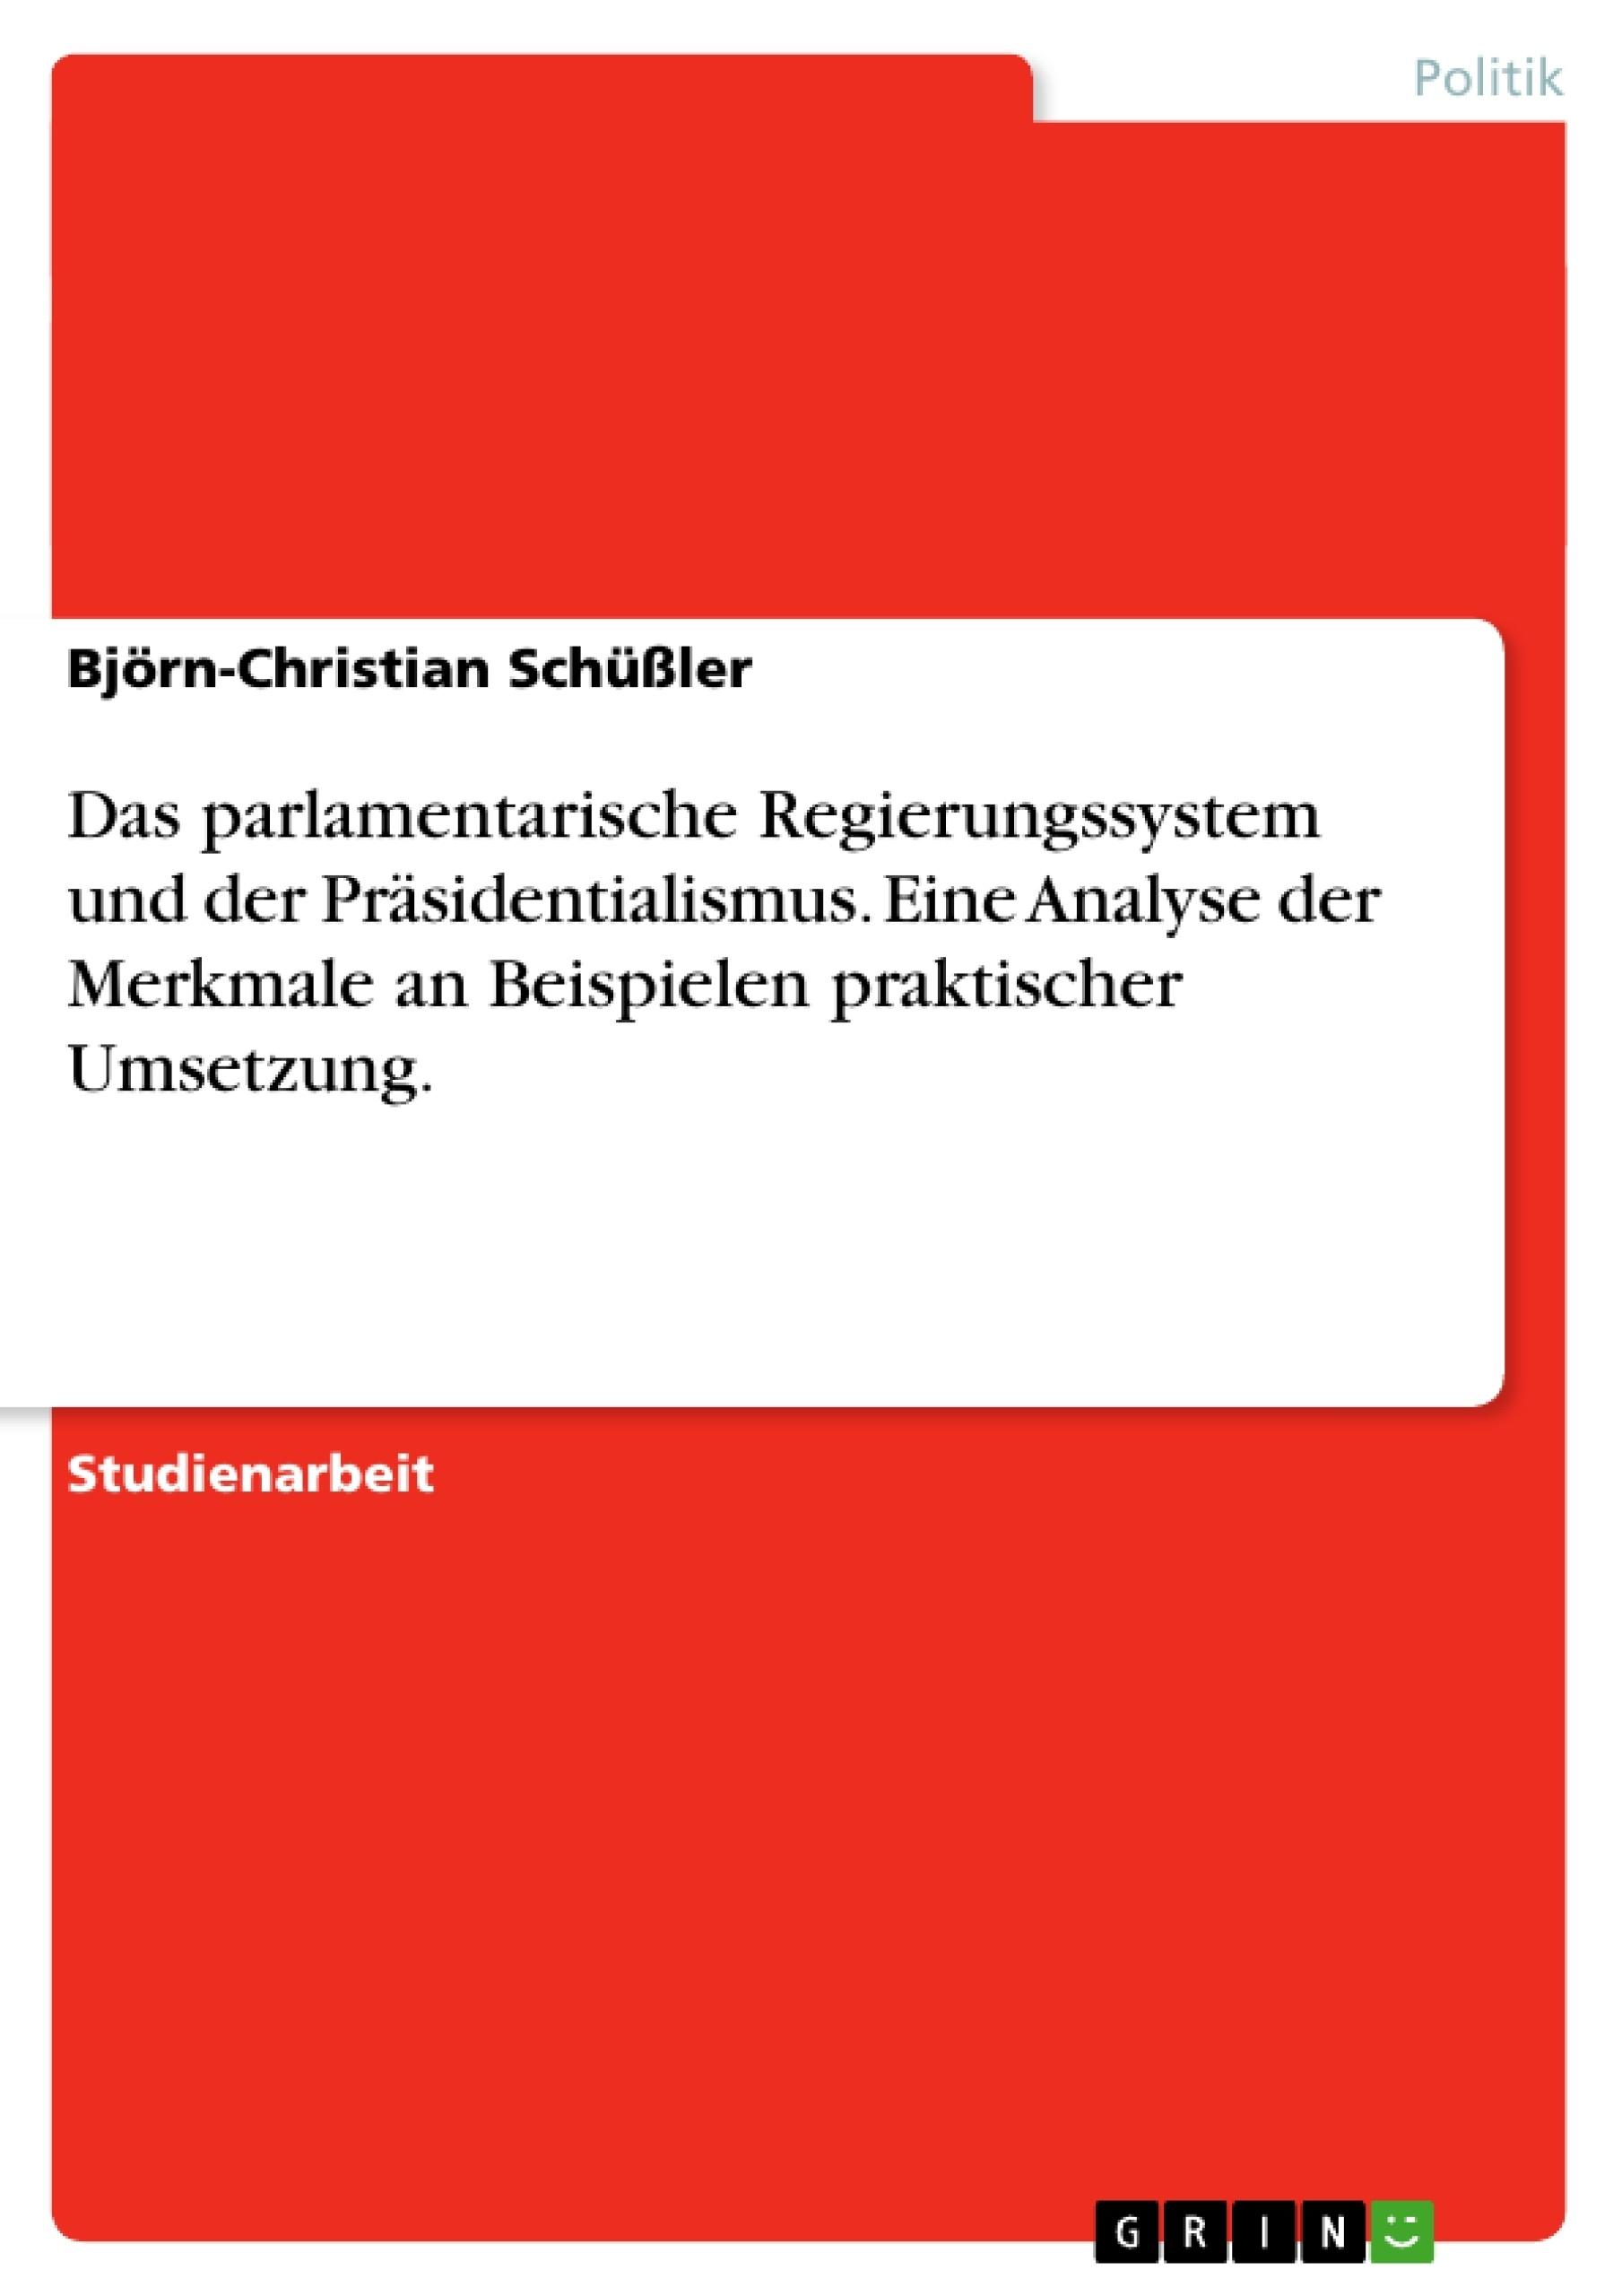 Titel: Das parlamentarische Regierungssystem und der Präsidentialismus. Eine Analyse der Merkmale an Beispielen praktischer Umsetzung.